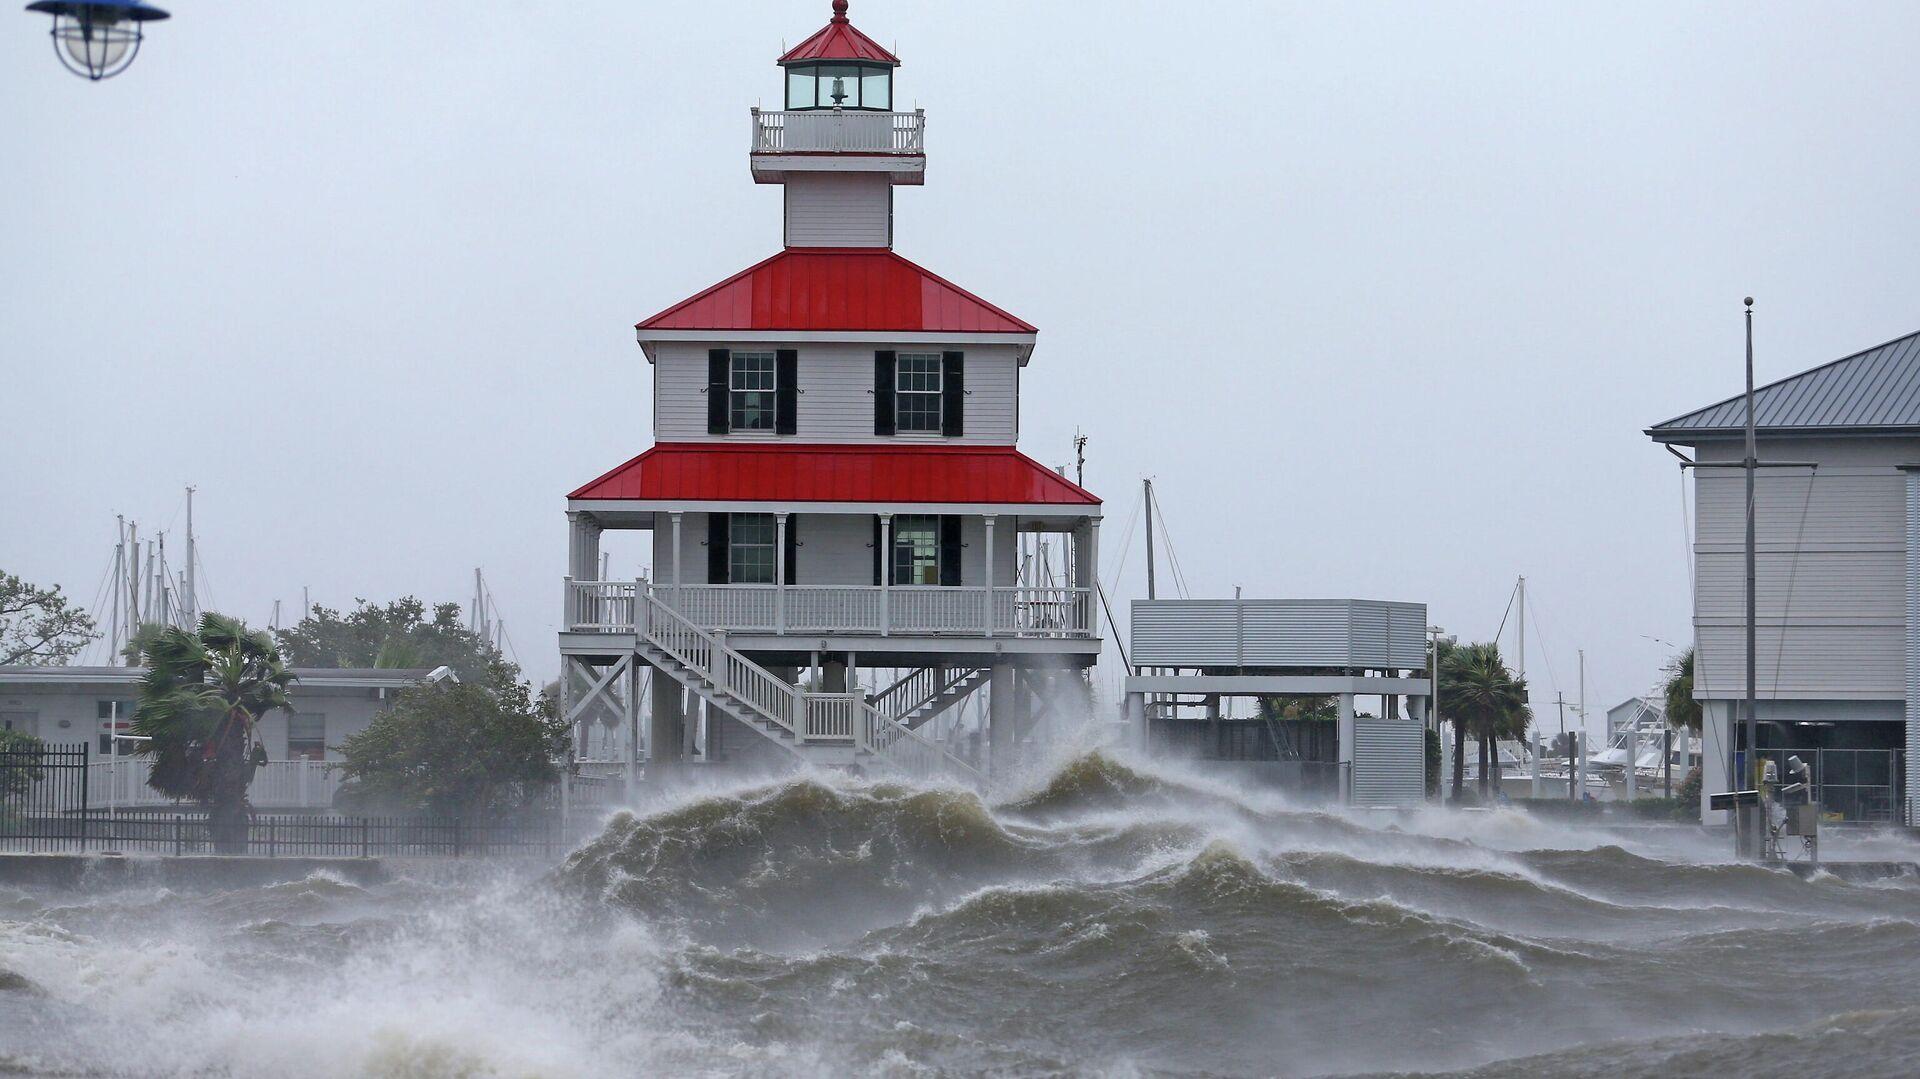 На побережье Луизианы обрушился сильнейший за 170 лет ураган Ида - Sputnik Латвия, 1920, 01.09.2021